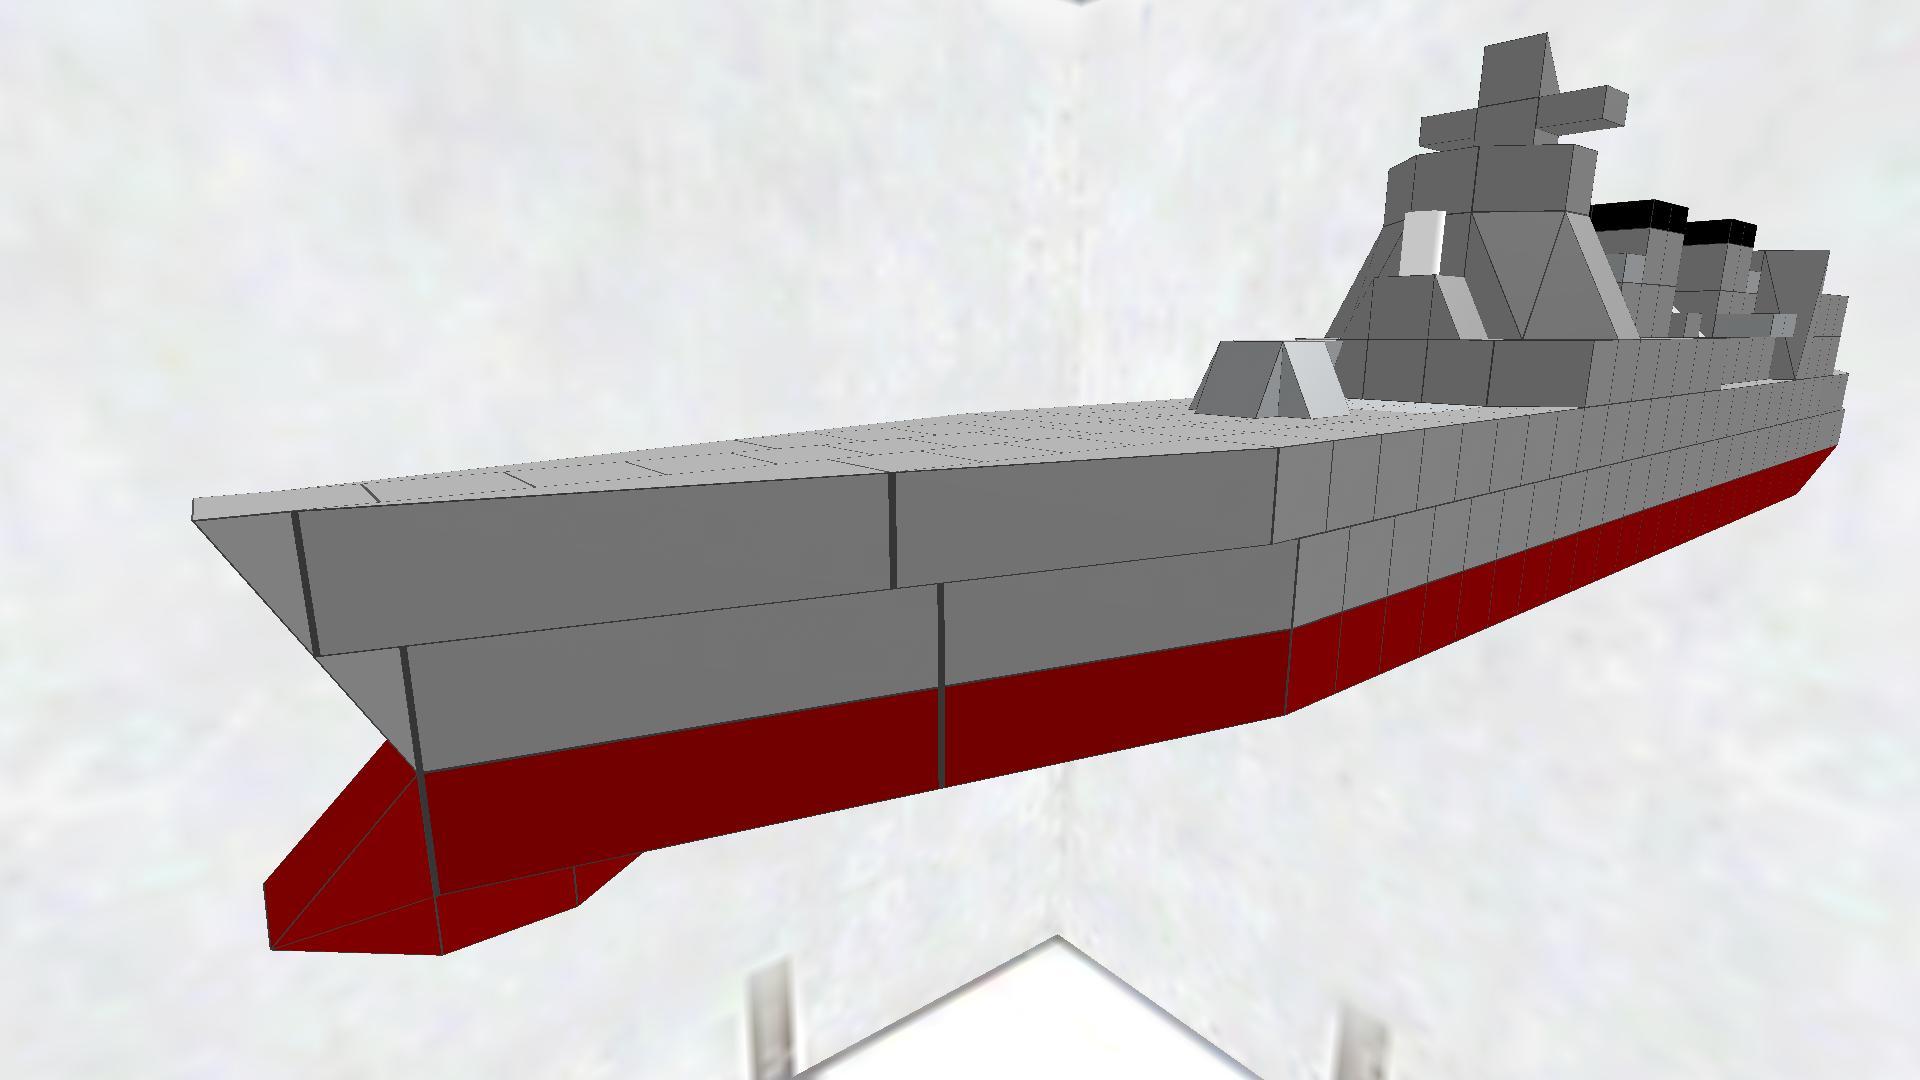 あかつき型汎用護衛艦